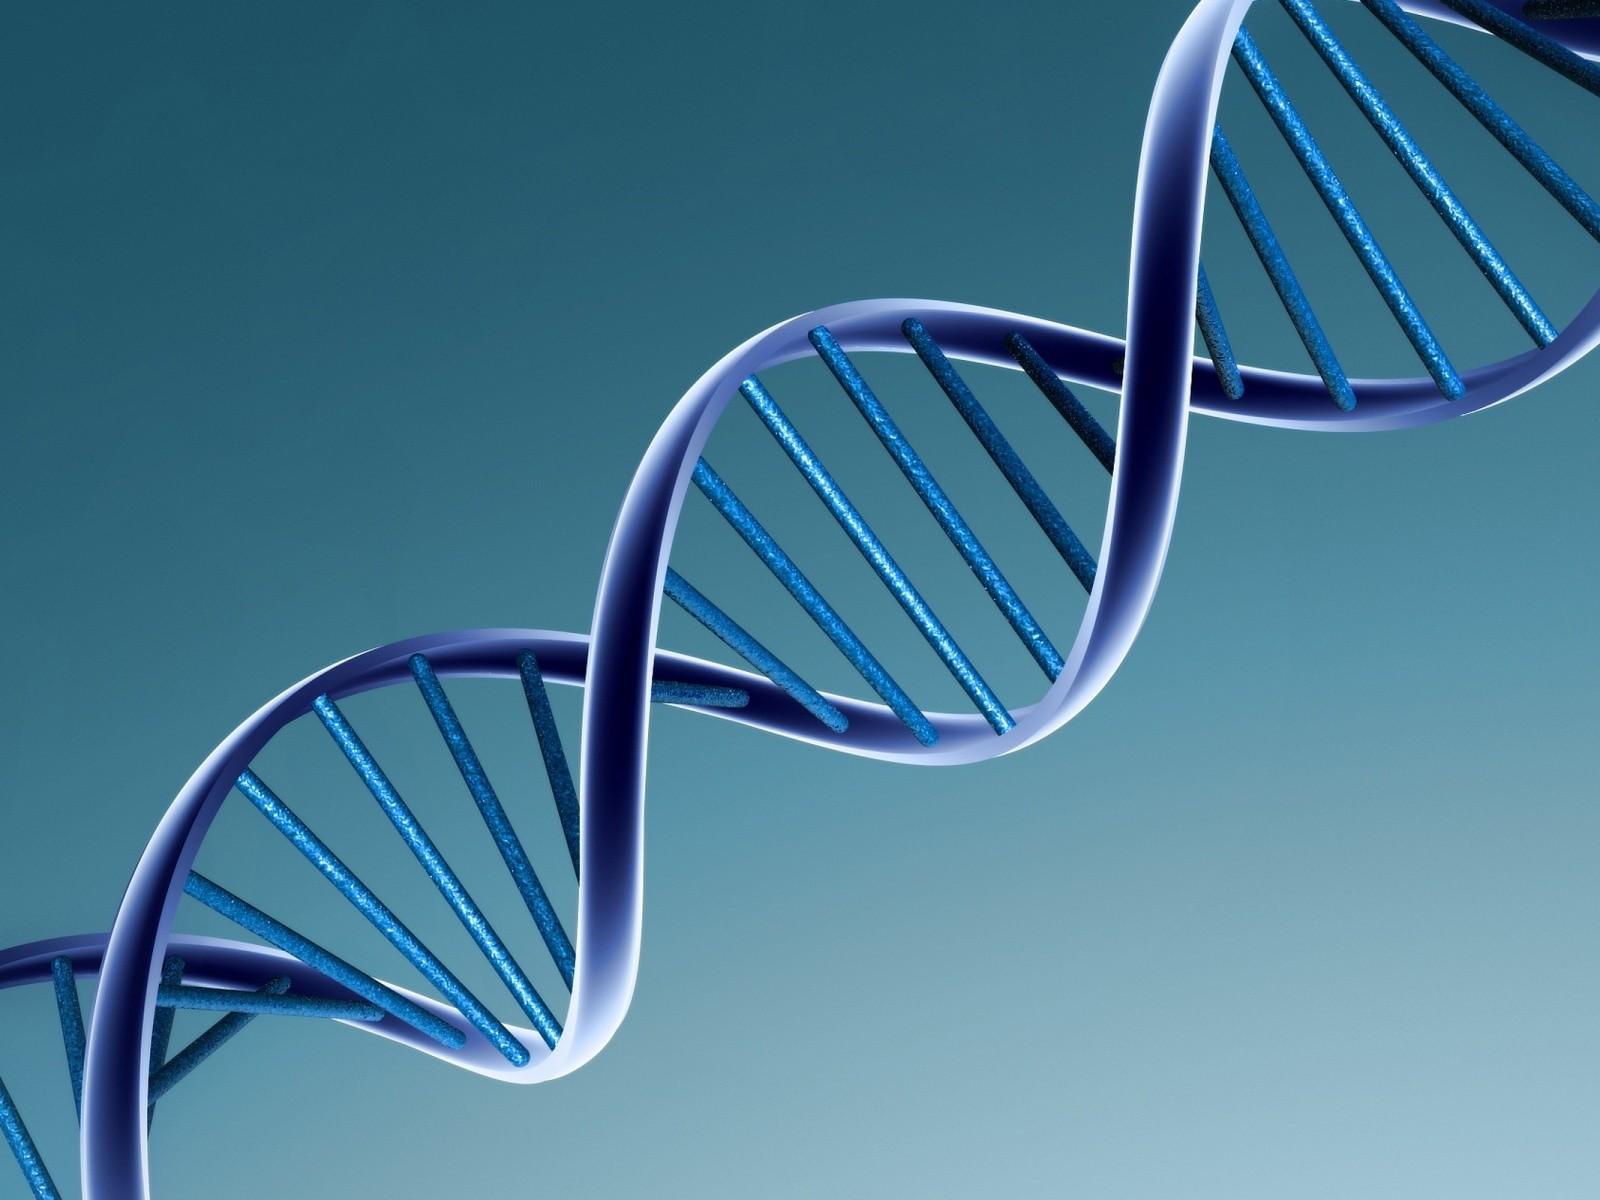 Rusya yeryüzündeki tüm varlıkların DNA'sını toplamayı amaçlıyor